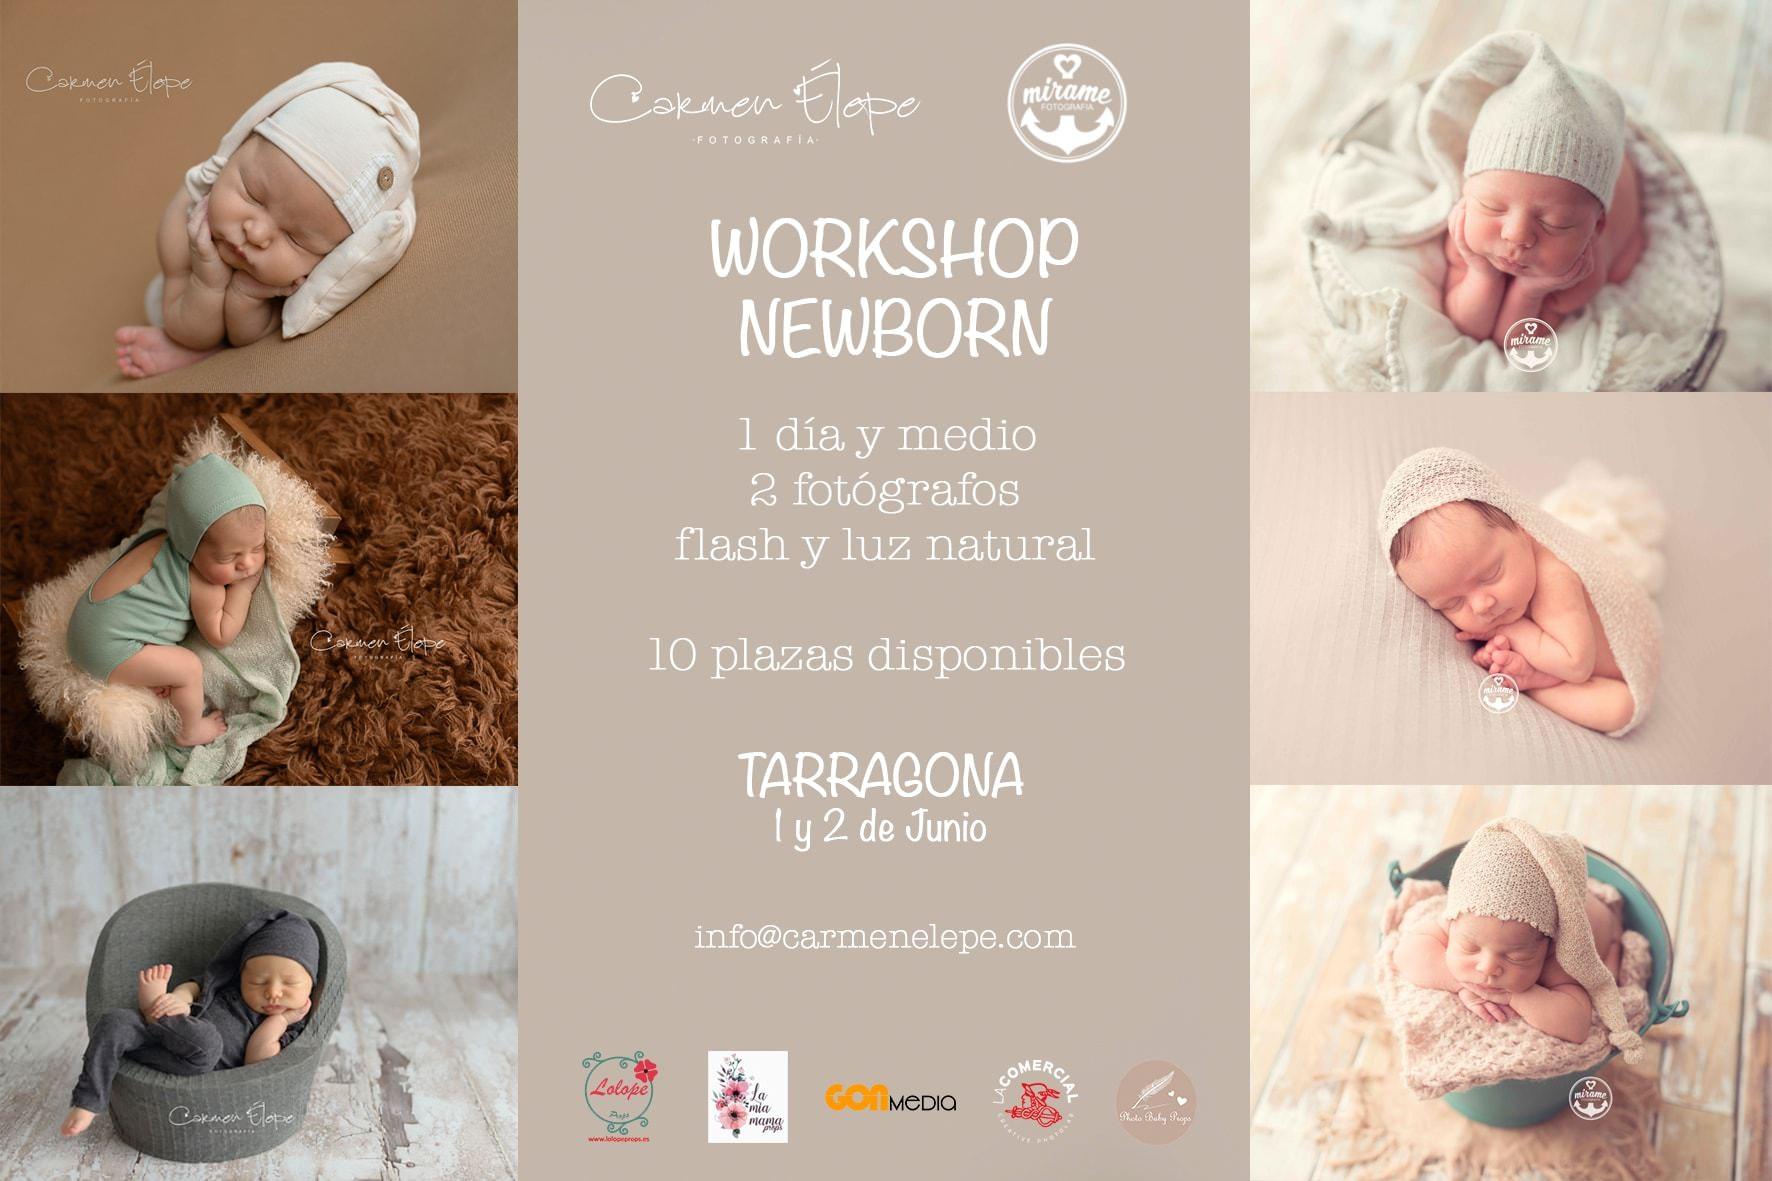 workshop fotografia newborn espana tarragona barcelona cataluna carmen elepe mirame fotografia